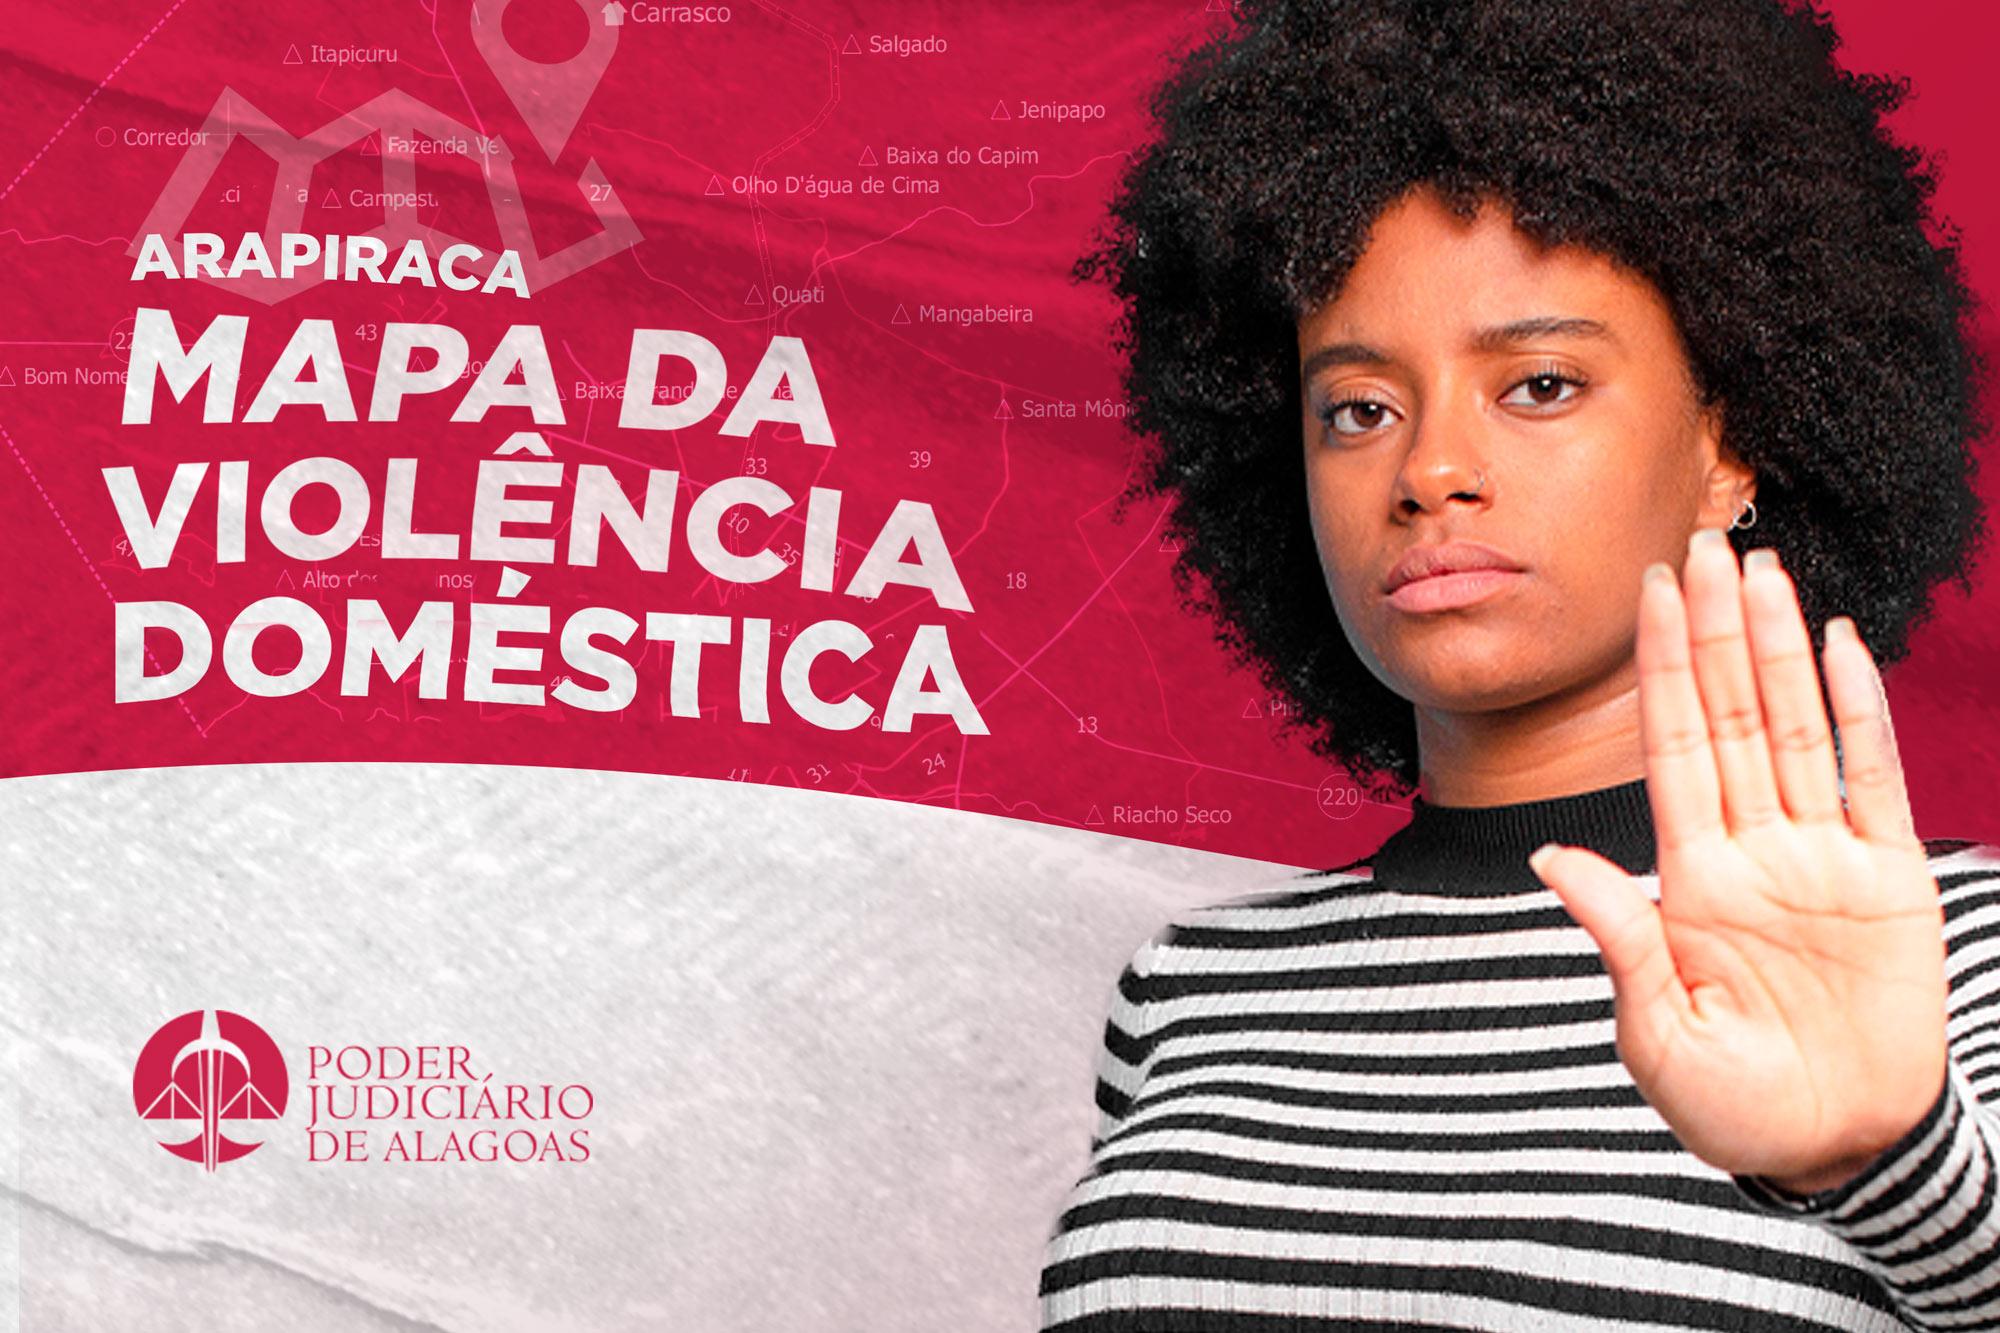 Violência doméstica em Arapiraca: 73% dos agressores são ex-companheiros